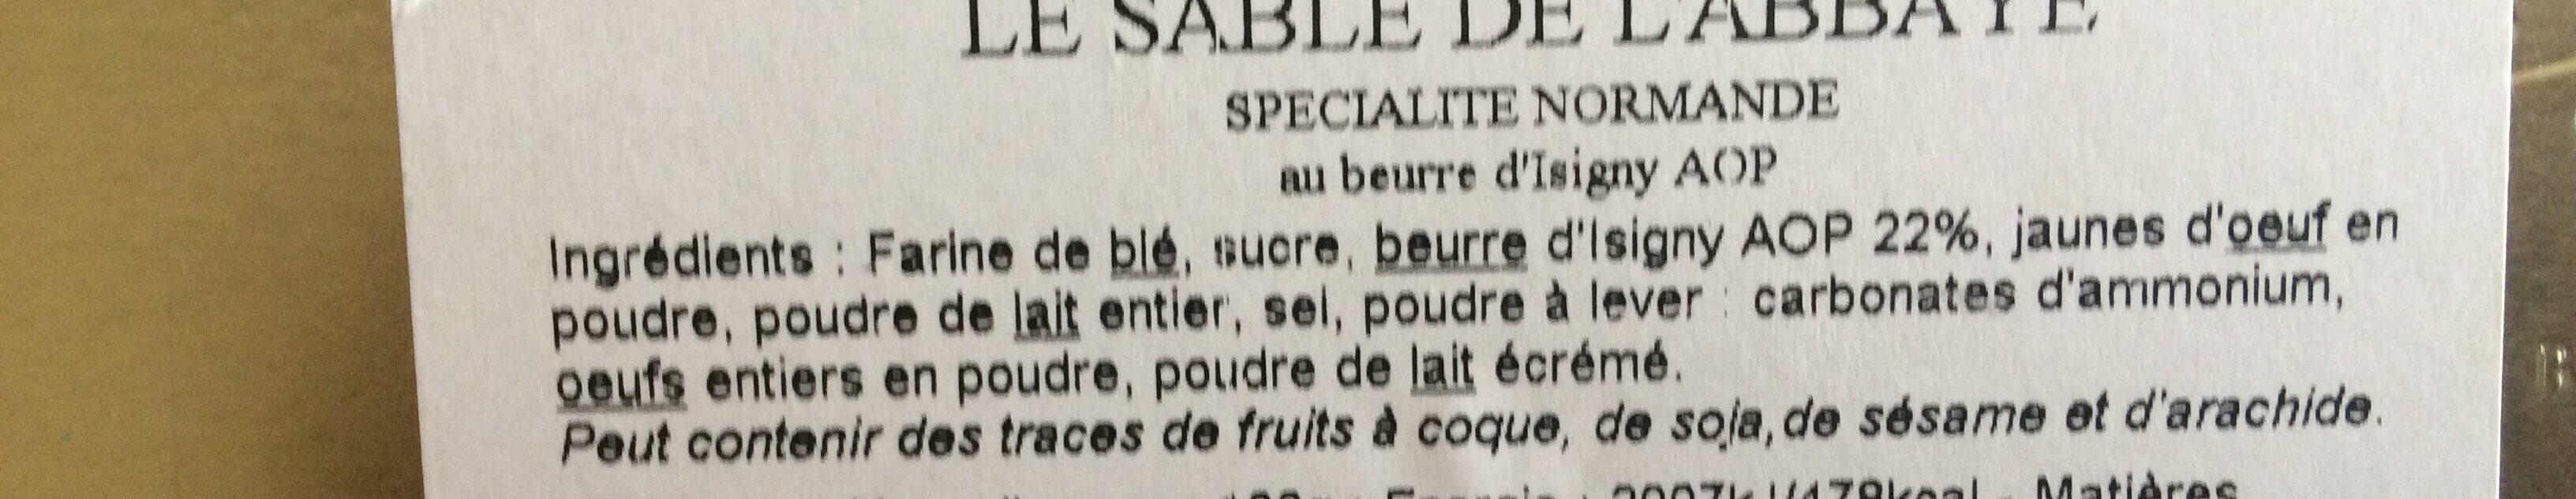 Le Sablé De L'abbaye - Ingrédients - fr